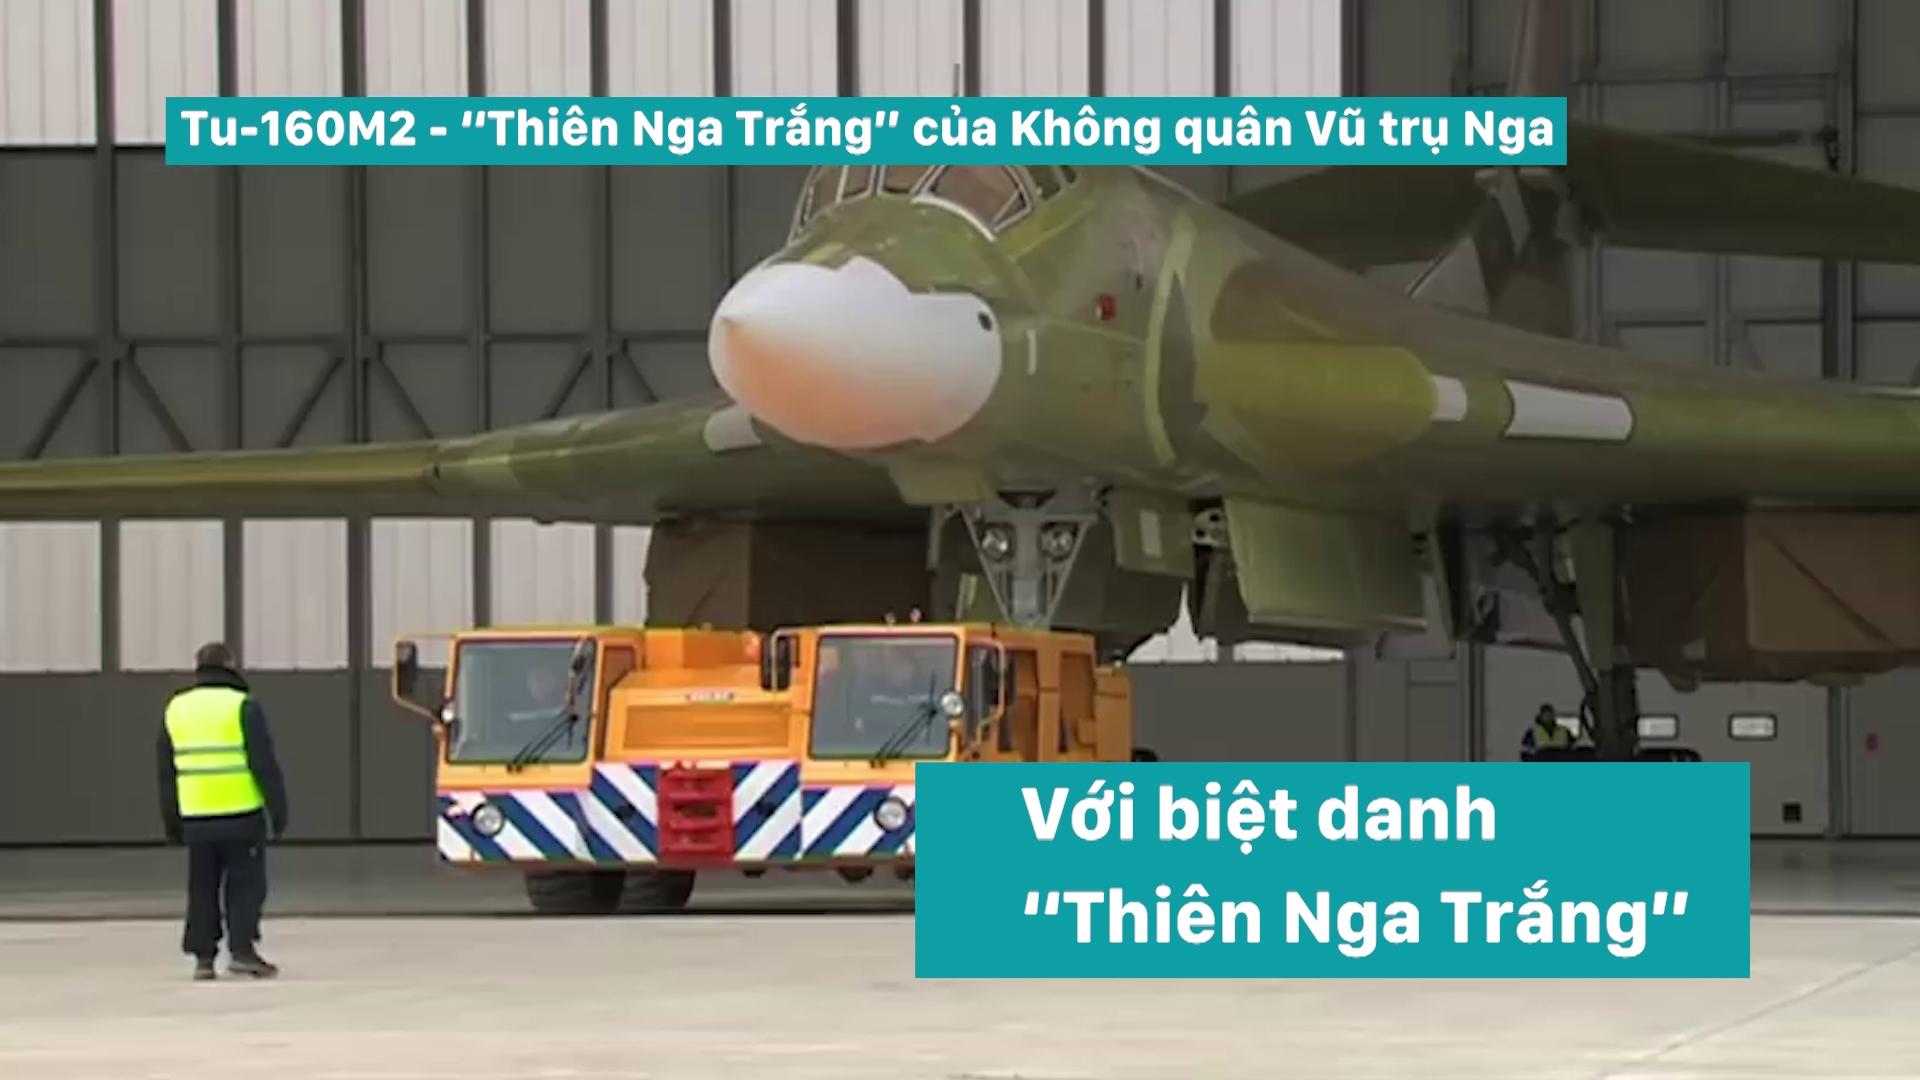 """Tu-160M2 - """"Thiên Nga Trắng"""" của Không quân Vũ trụ Nga"""